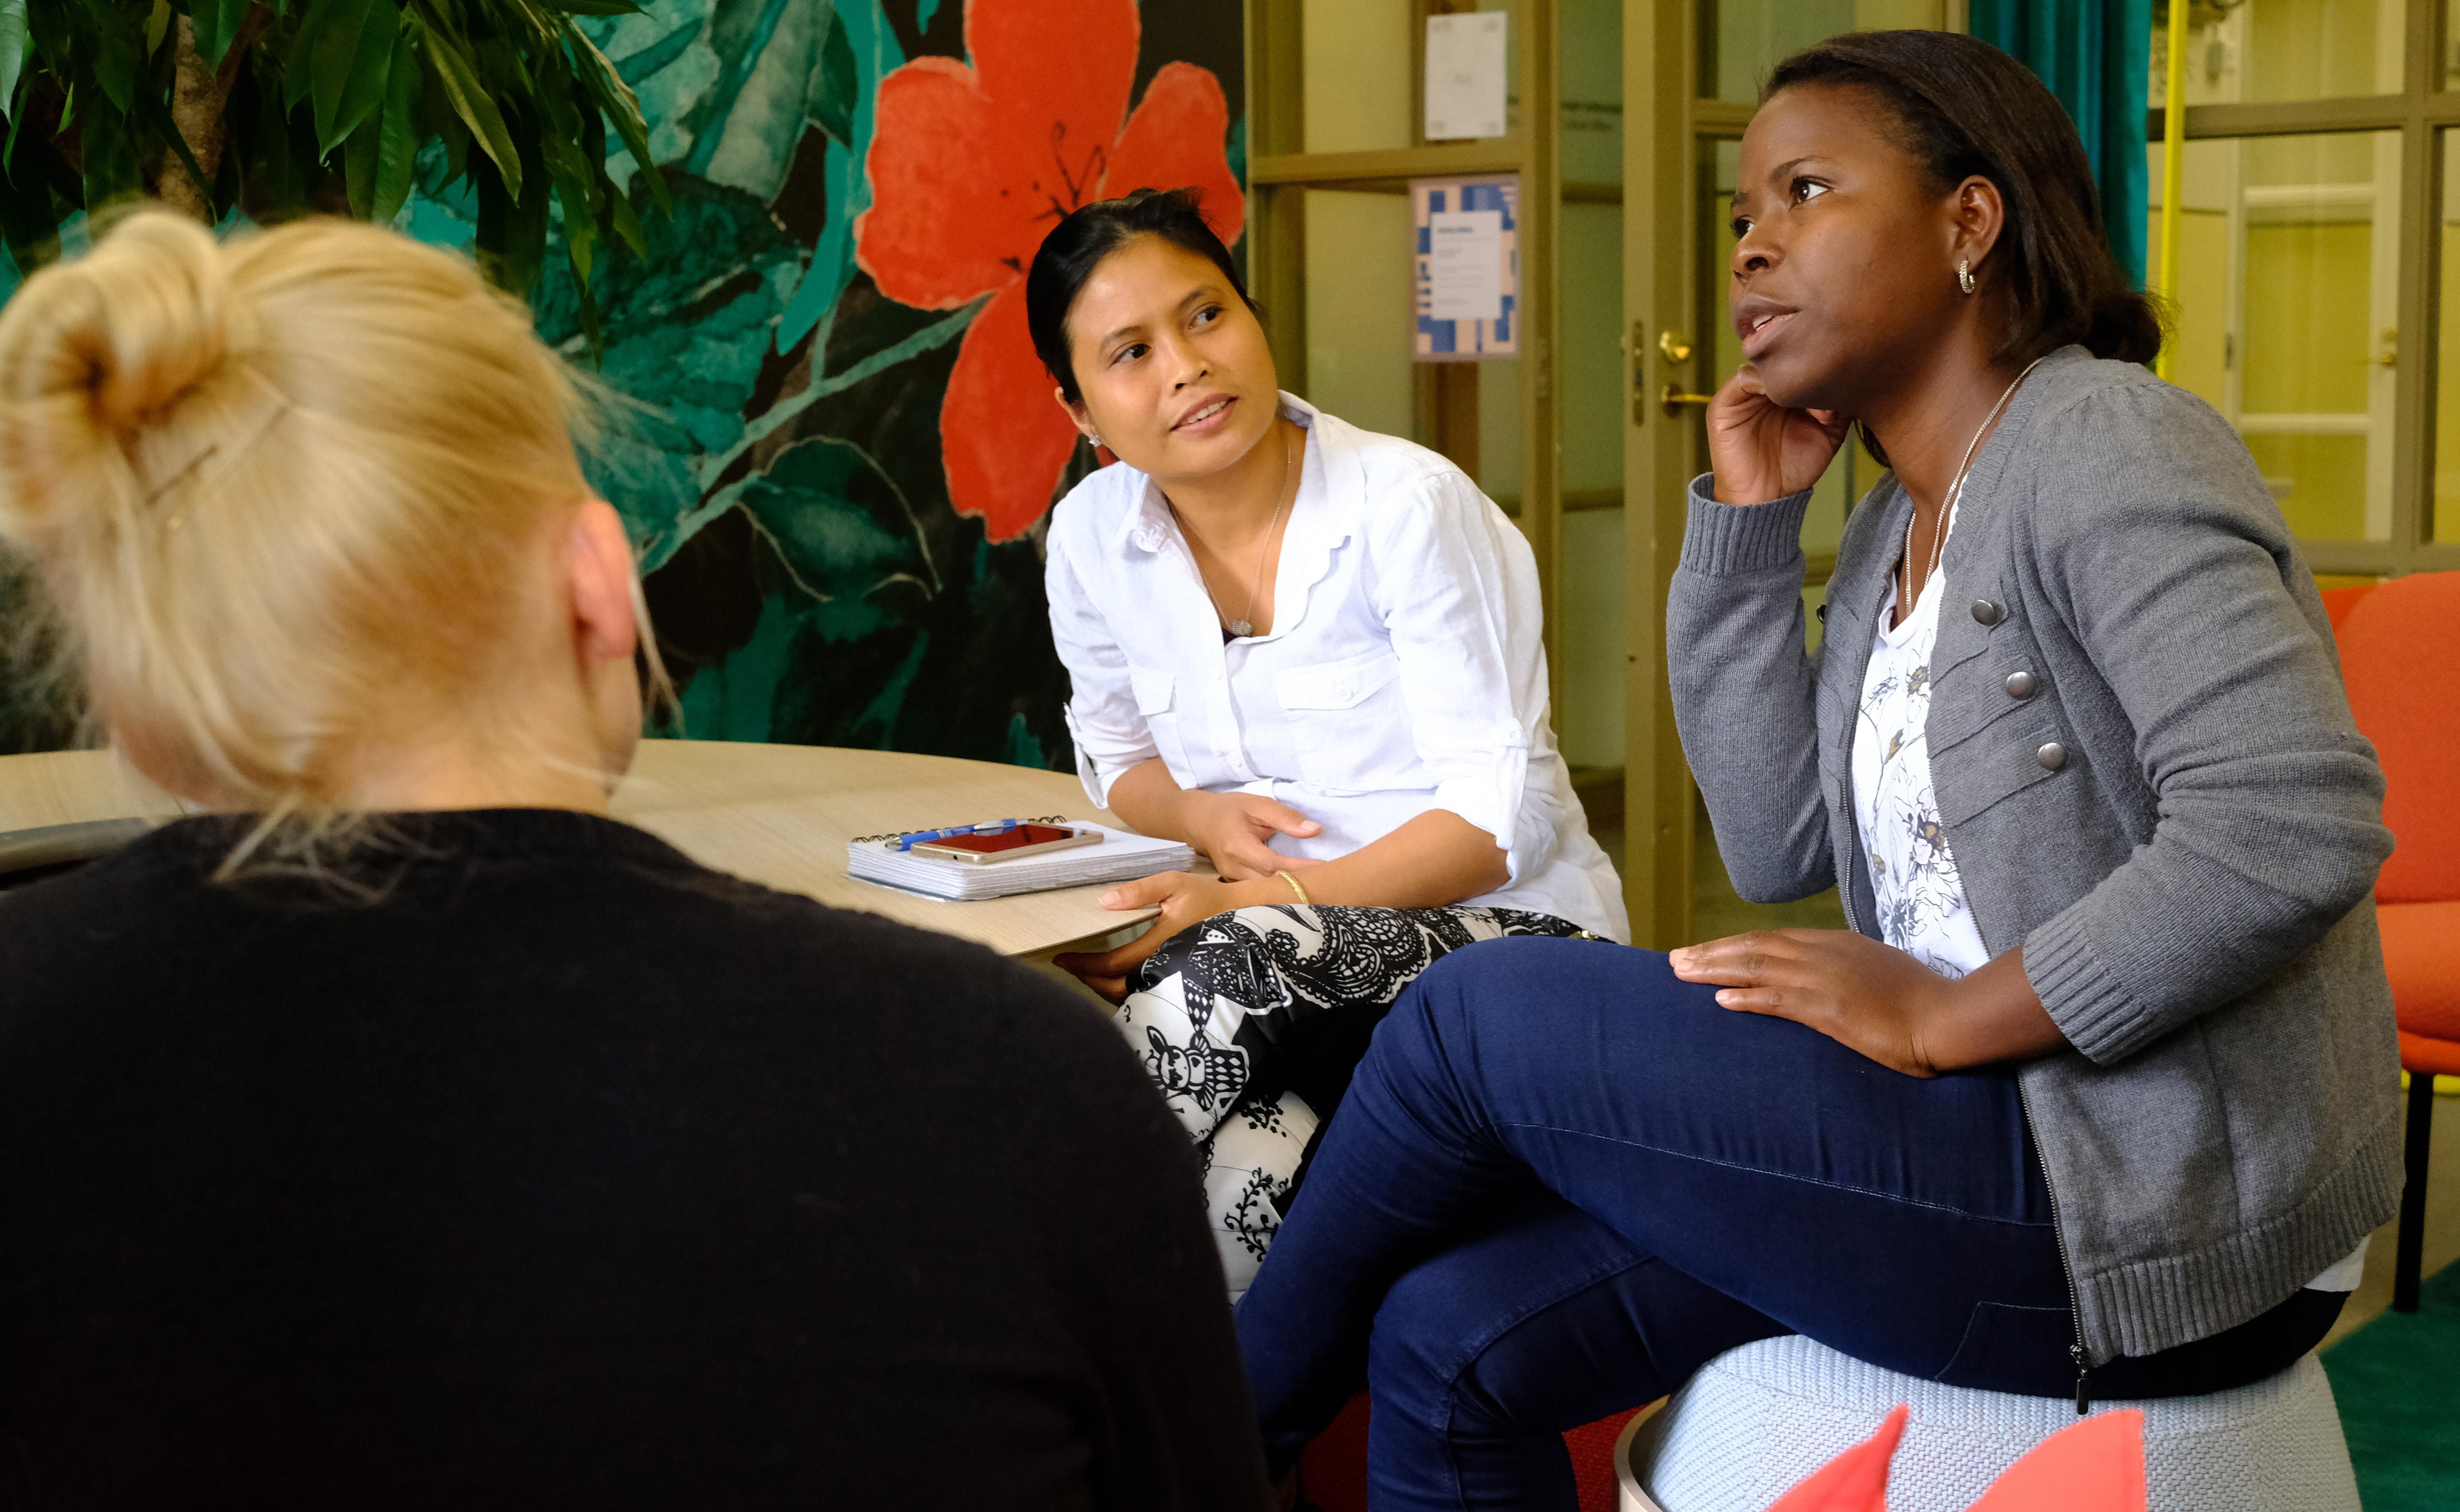 Priska Autio, Marian Villar-Bäckman ja Hope Nwosu suunnittelevat videoiden tekemistä.